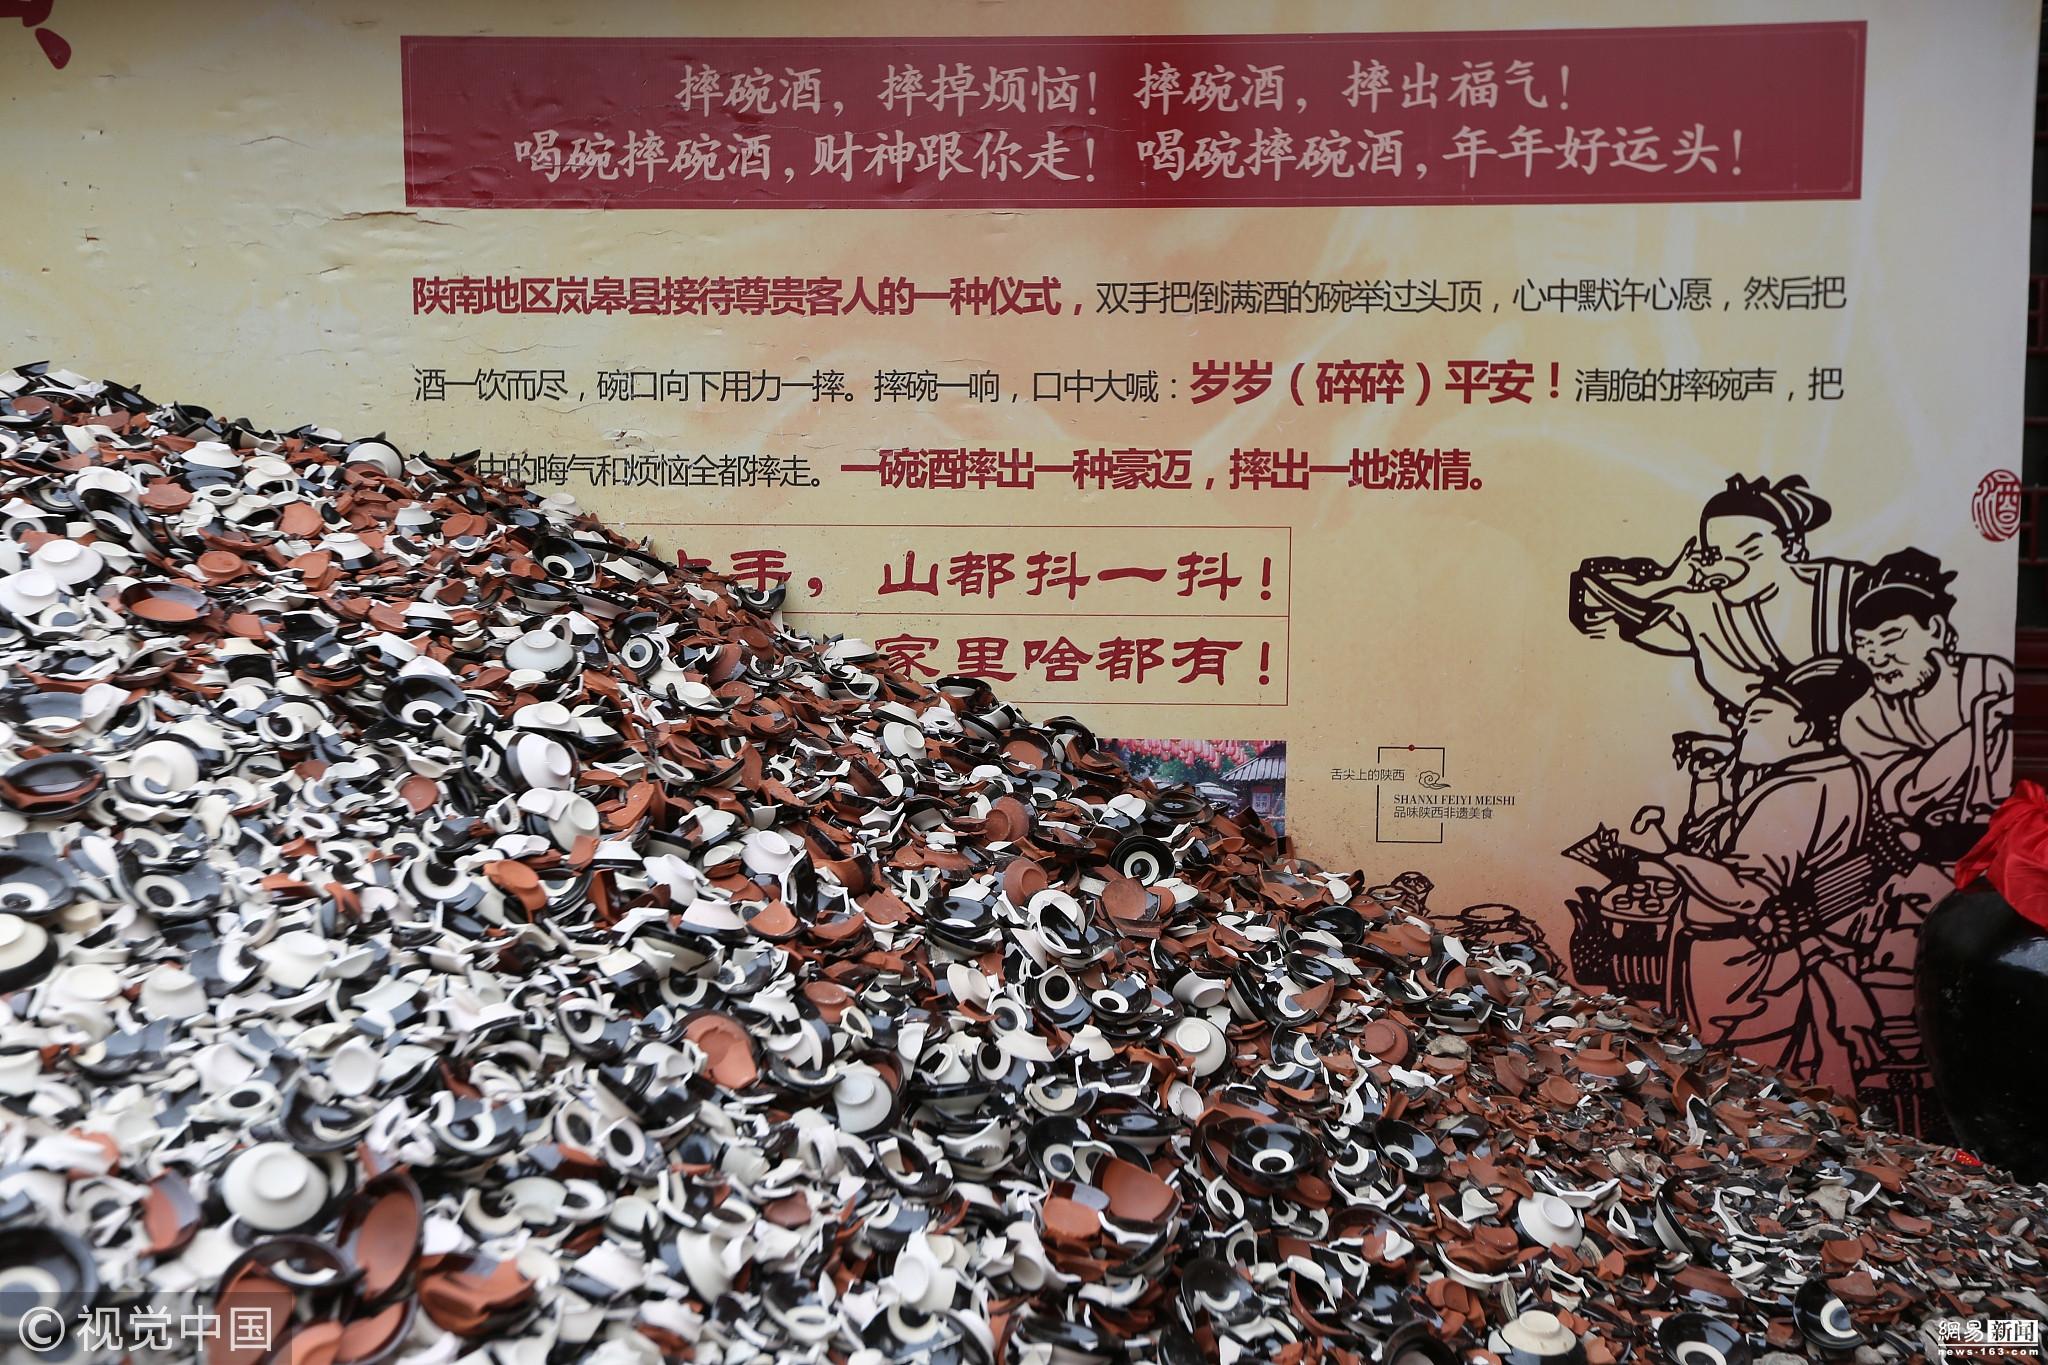 西安现摔碗酒 市民喝完酒现场摔碗 - 周公乐 - xinhua8848 的博客